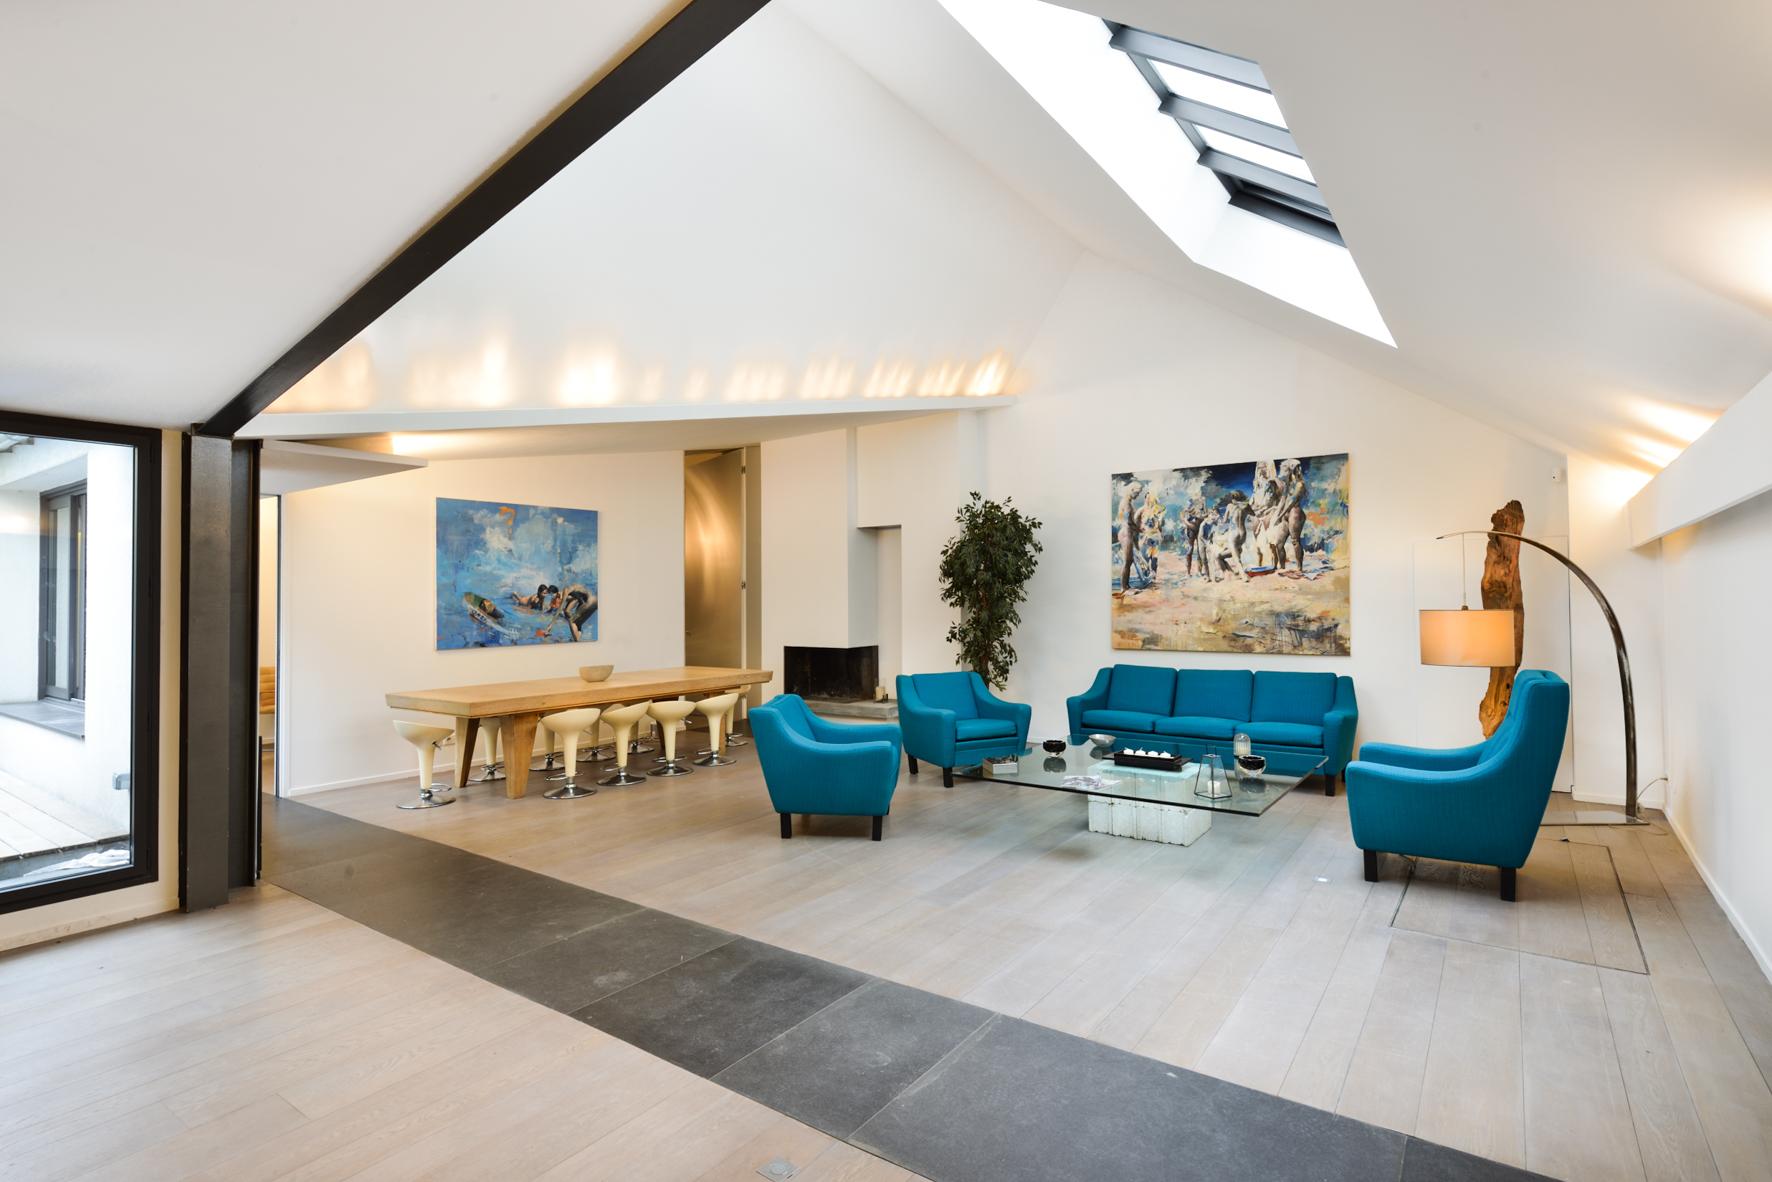 Paris v nement la maison d 39 architecte for Maison architecte design